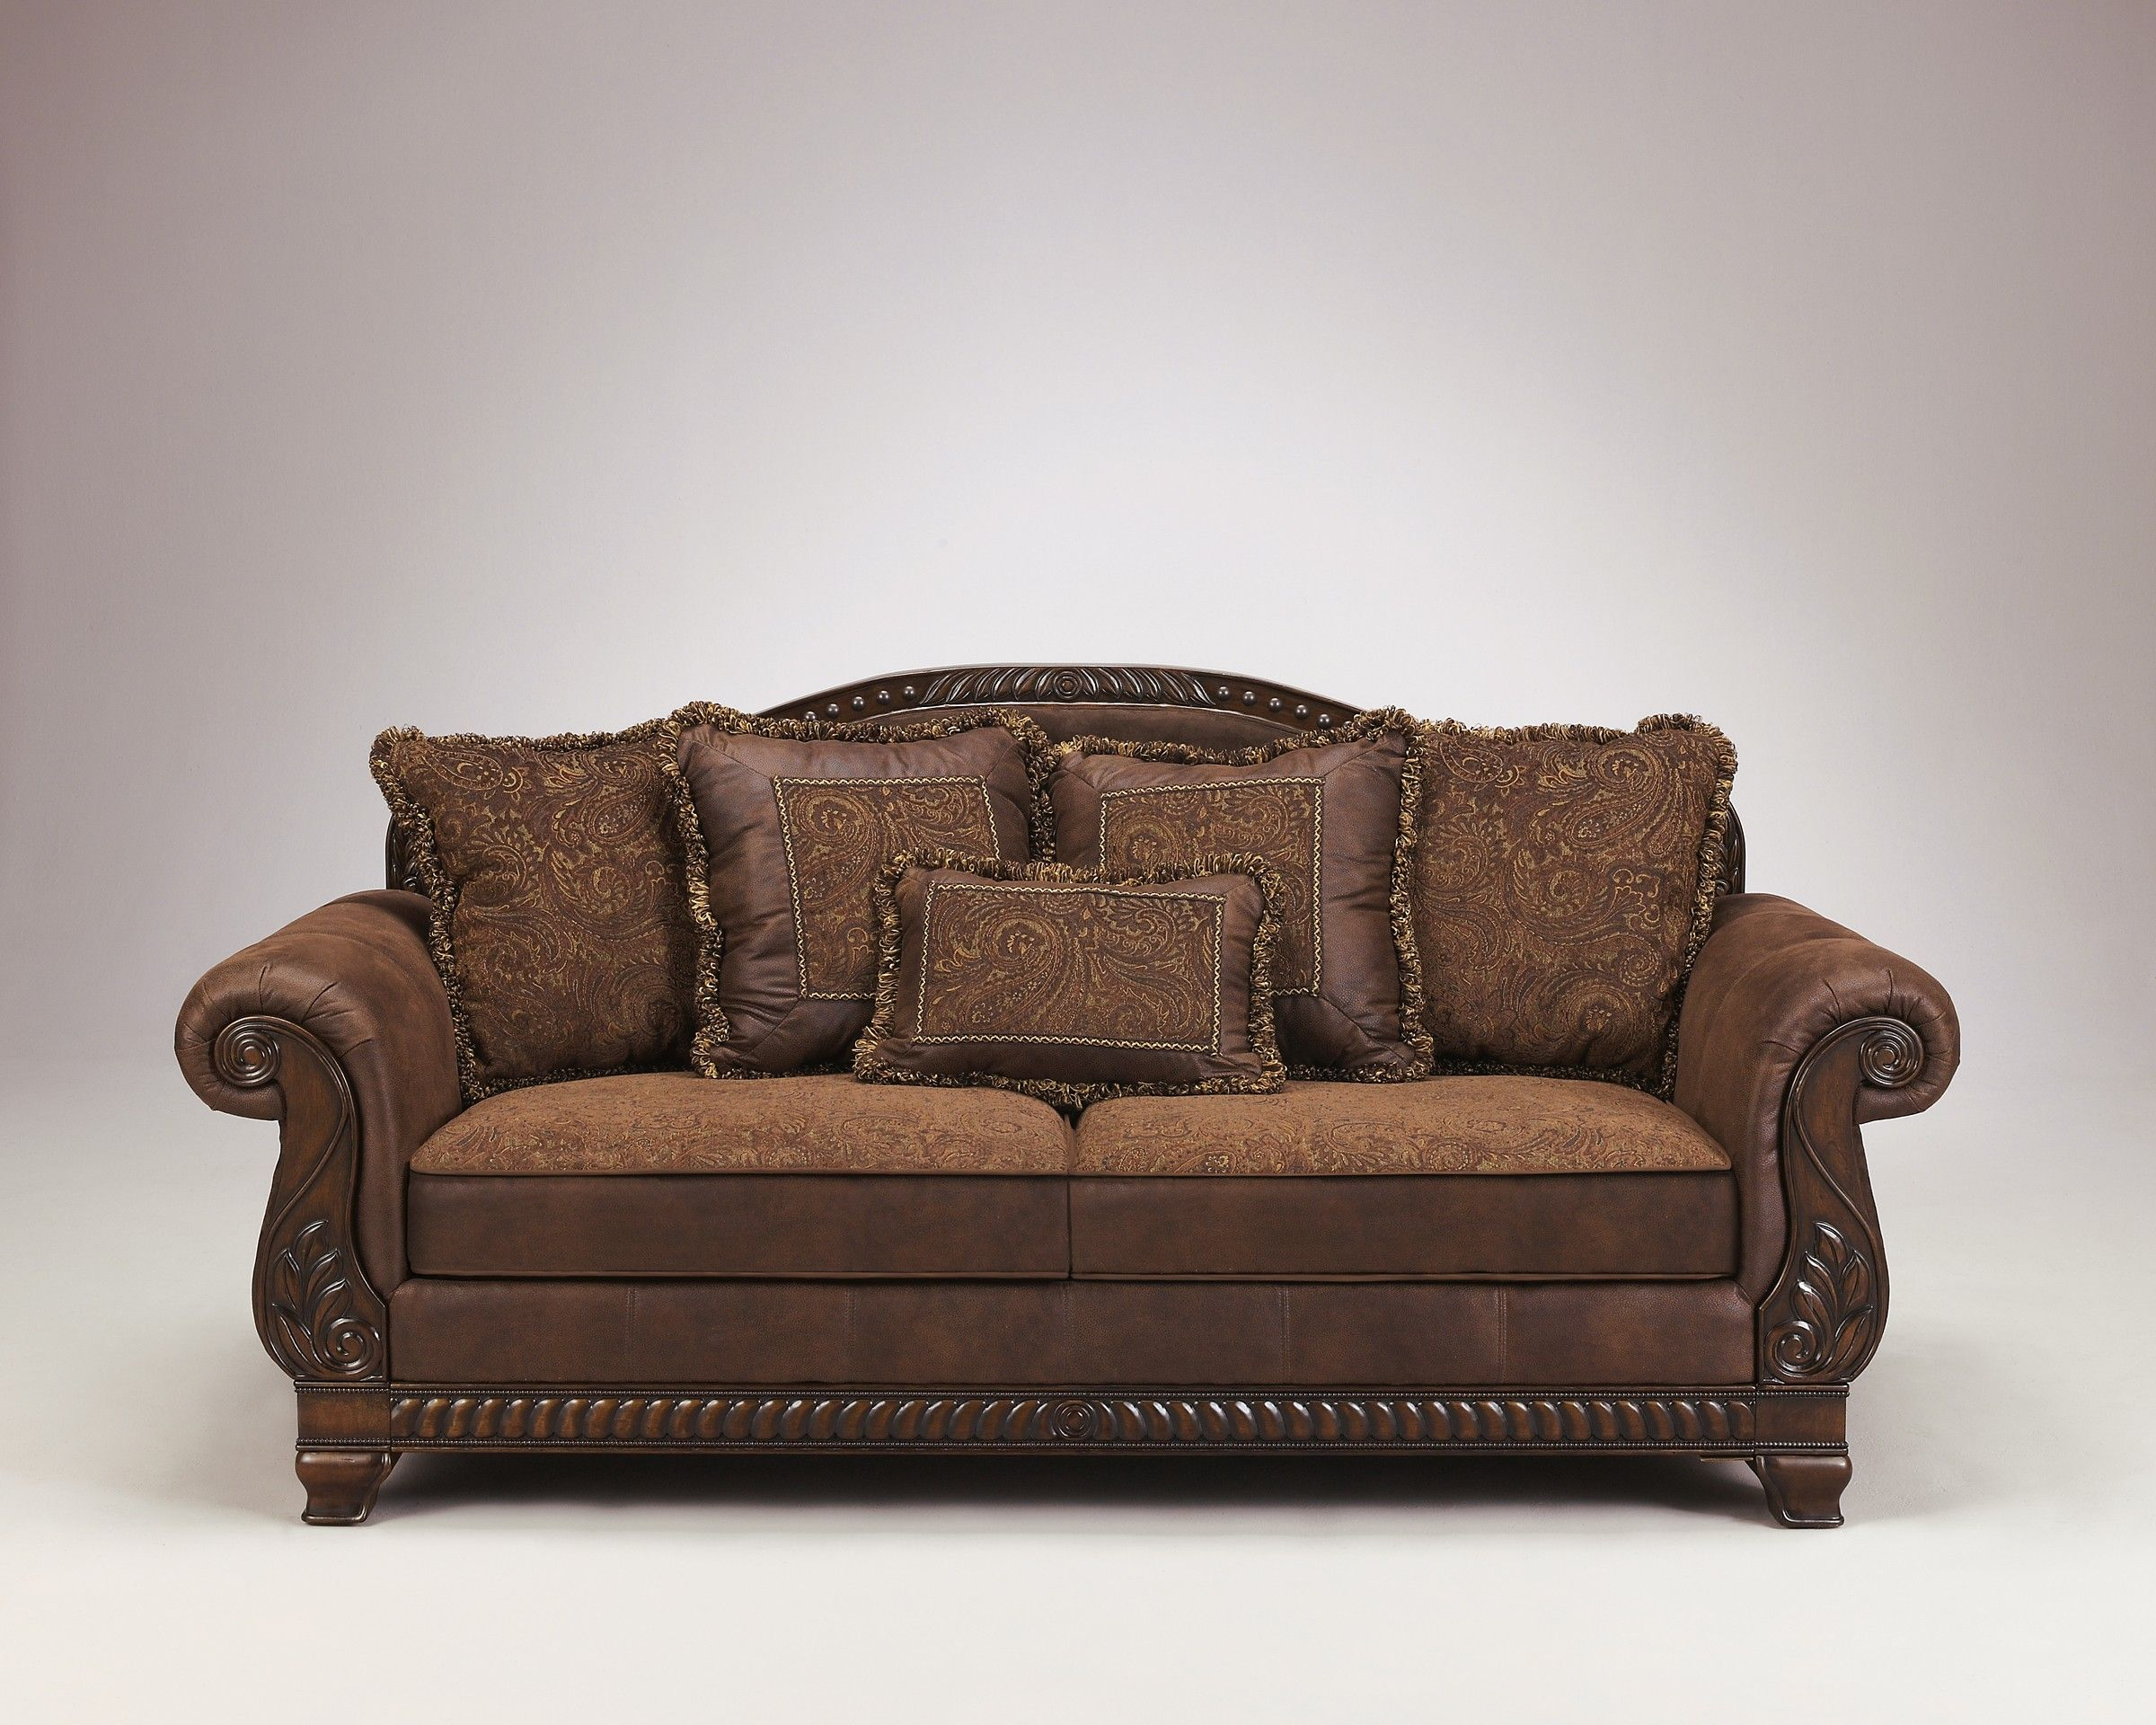 Ashley Furniture Bradington 1540038 Truffle Sofa A